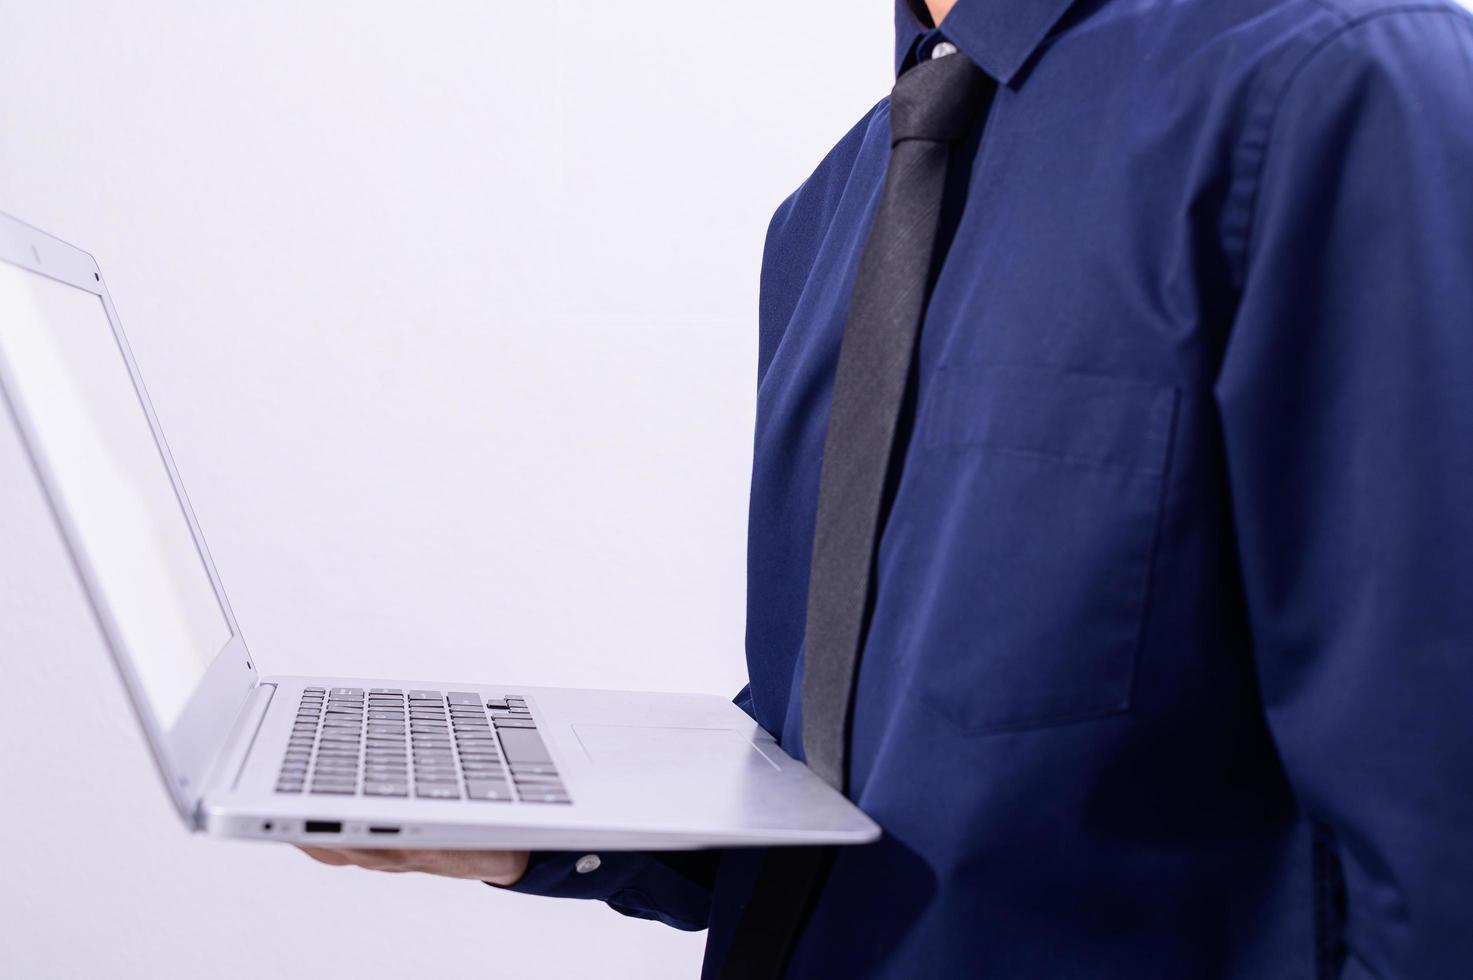 een persoon met een laptop foto